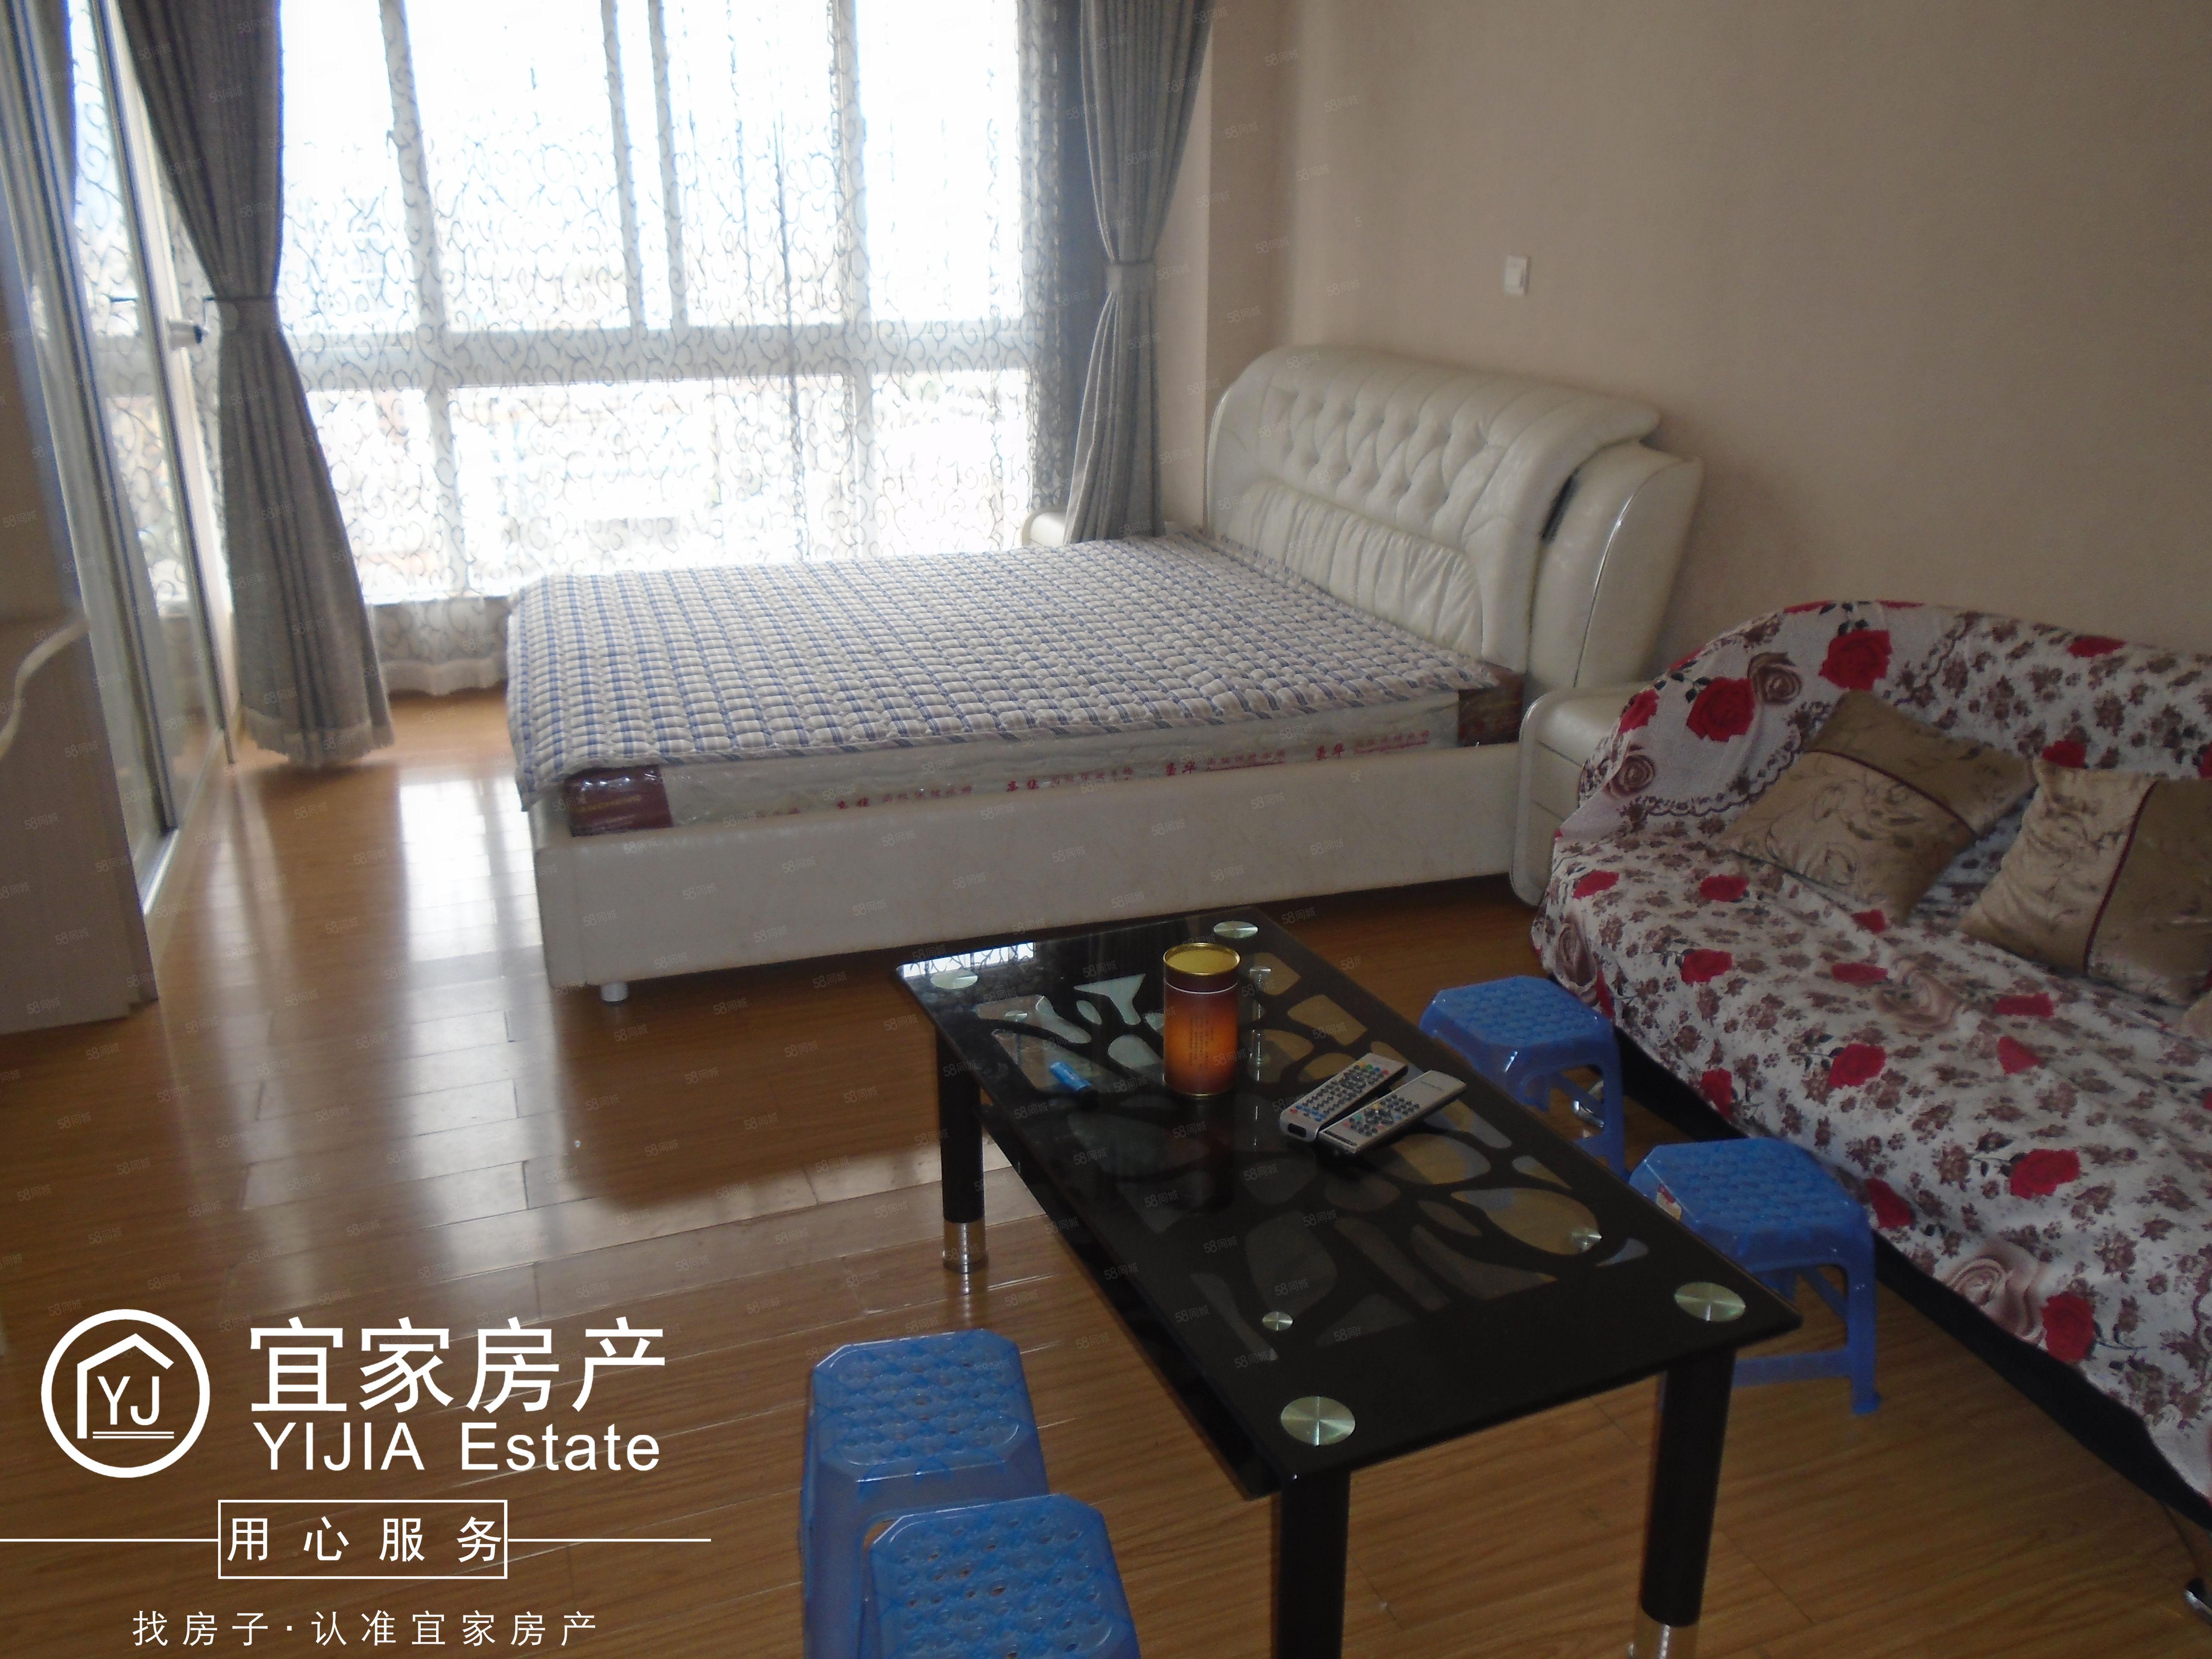 时代广场,1室1厅1厨1卫,单身公寓,精装修,带全套家具澳门金沙平台